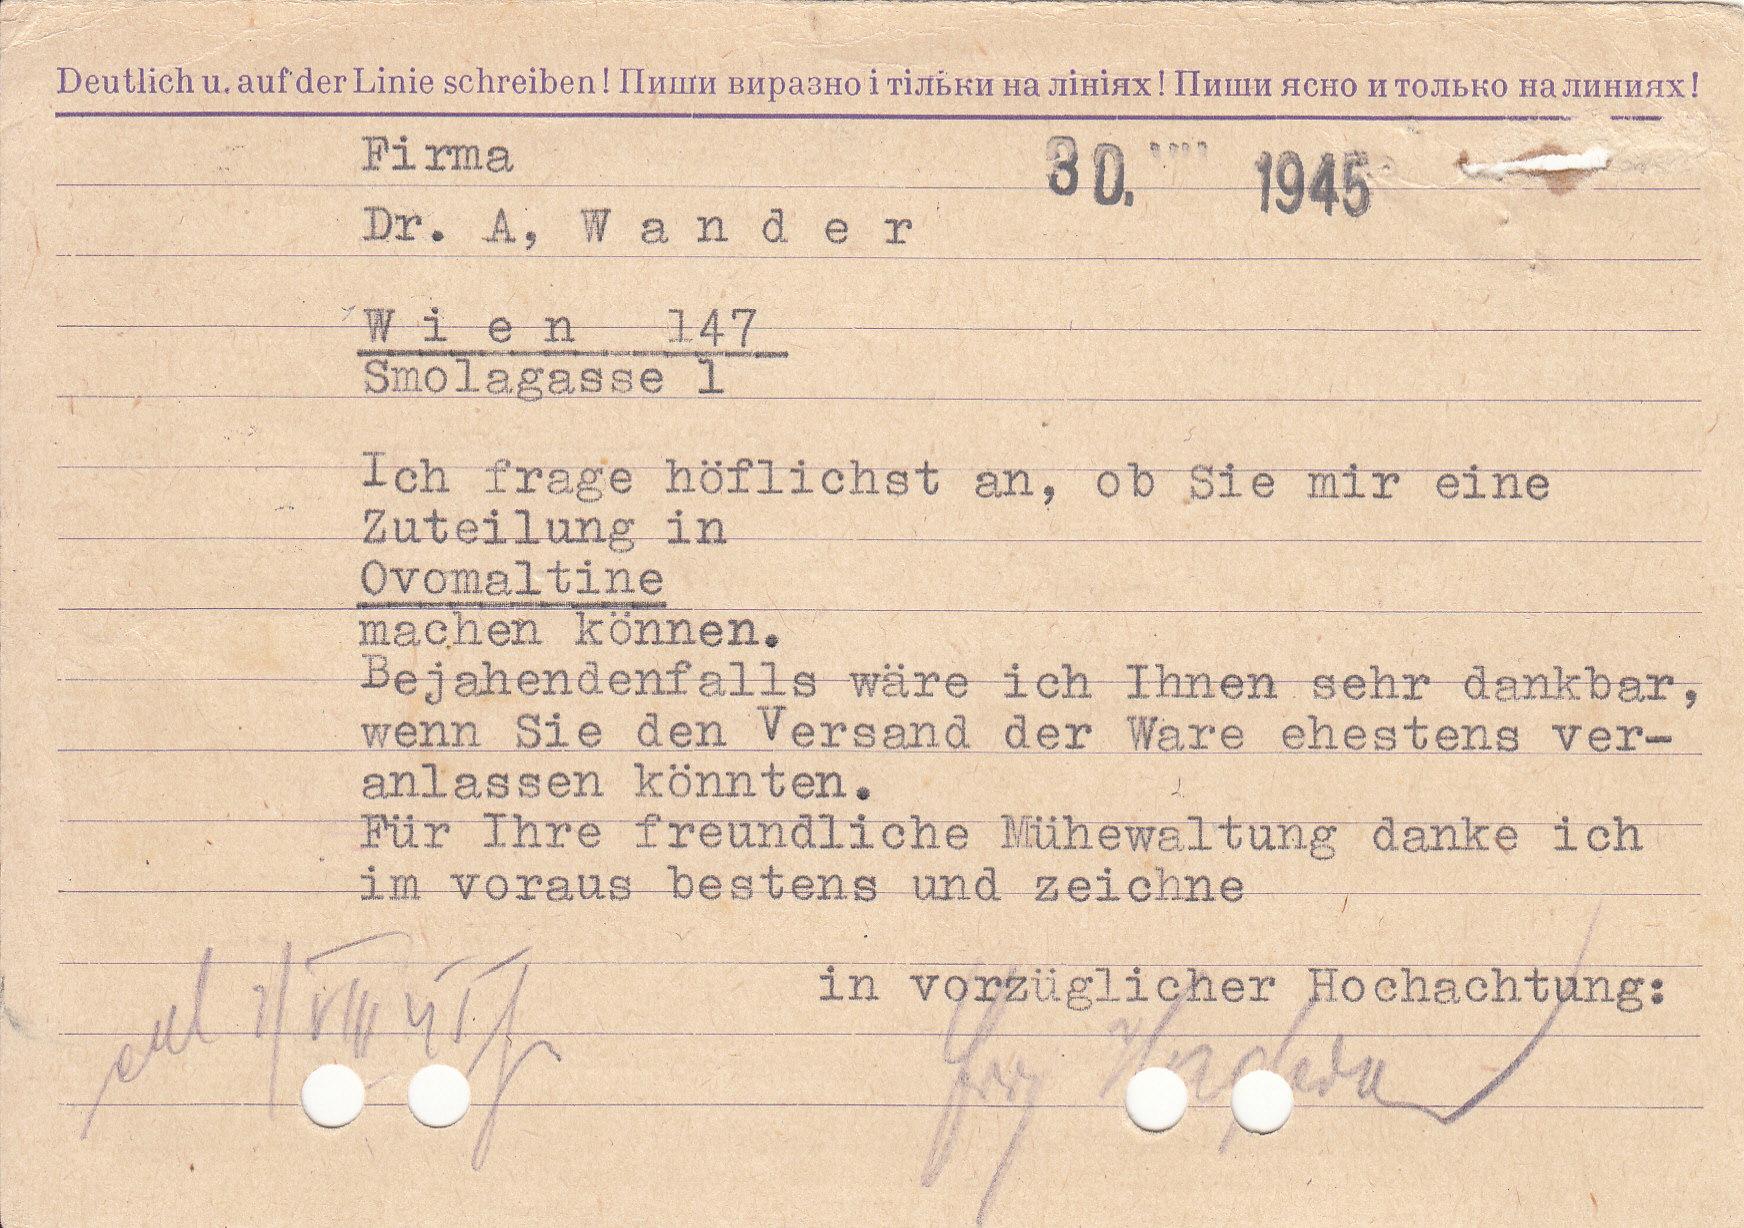 1945 - Notmaßnahmen und Provisorien bei Postkarten 1945-1948 - Seite 2 Img_0306